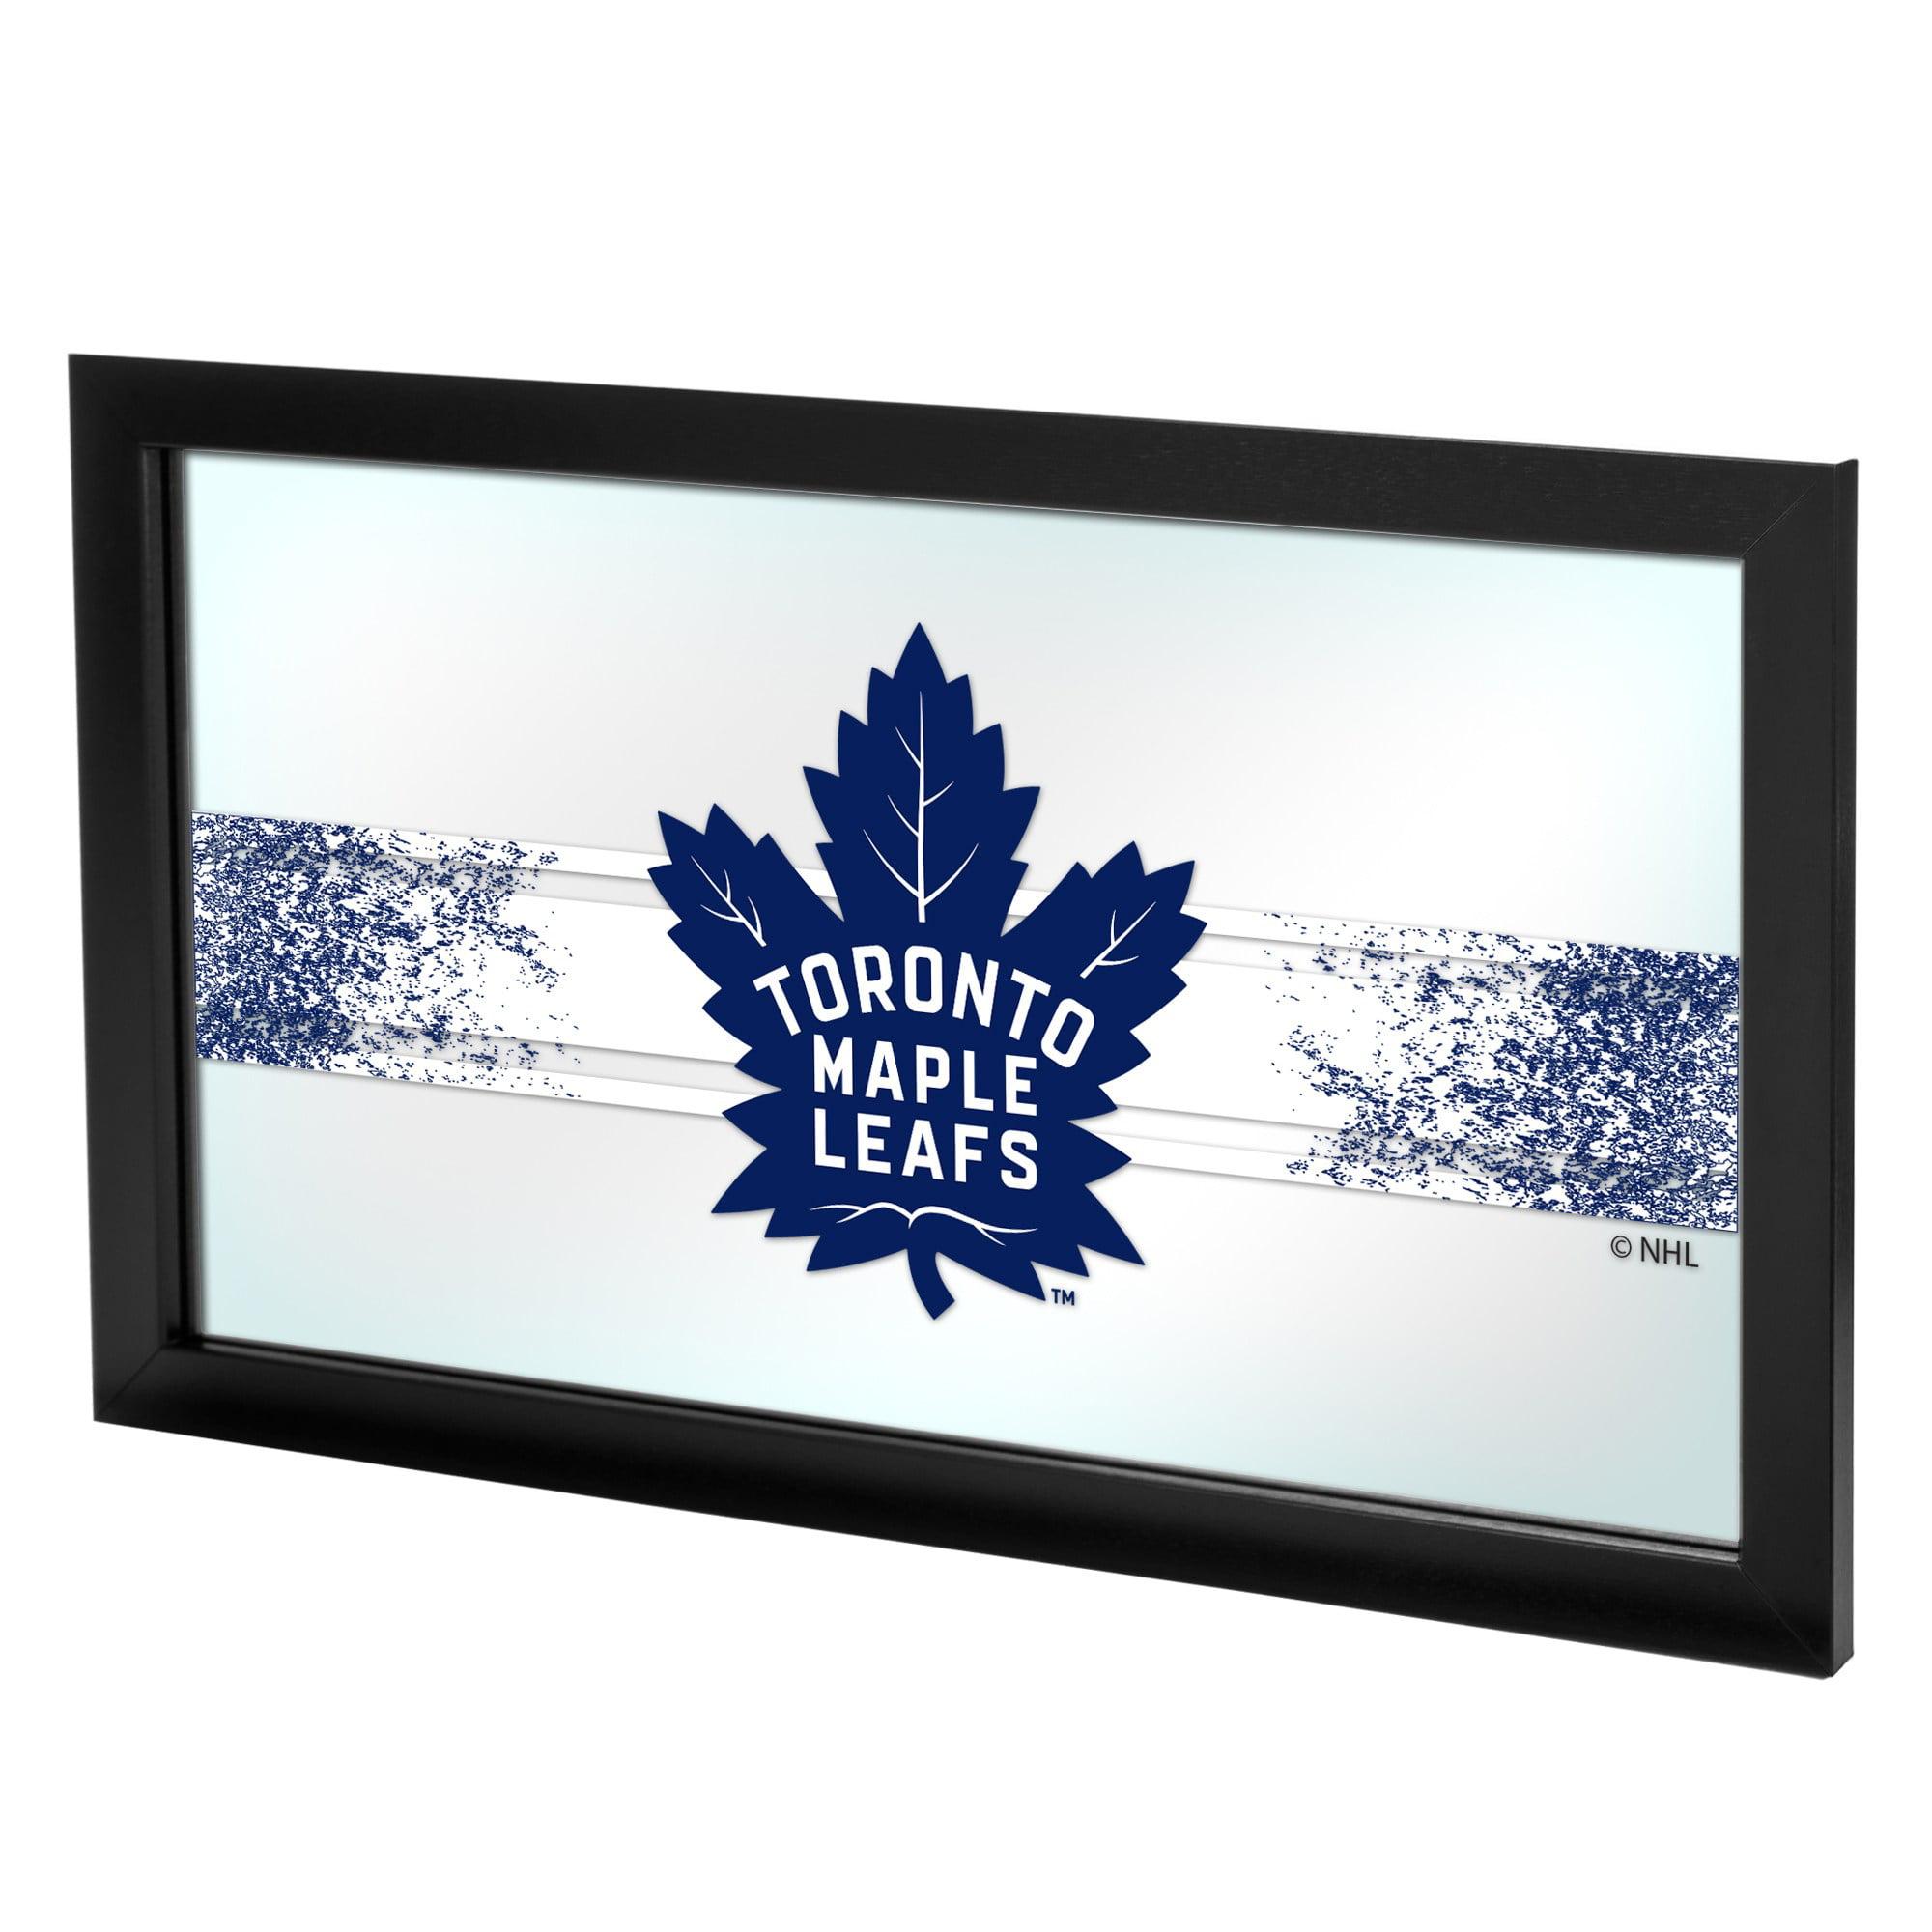 NHL Framed Logo Mirror, Toronto Maple Leafs